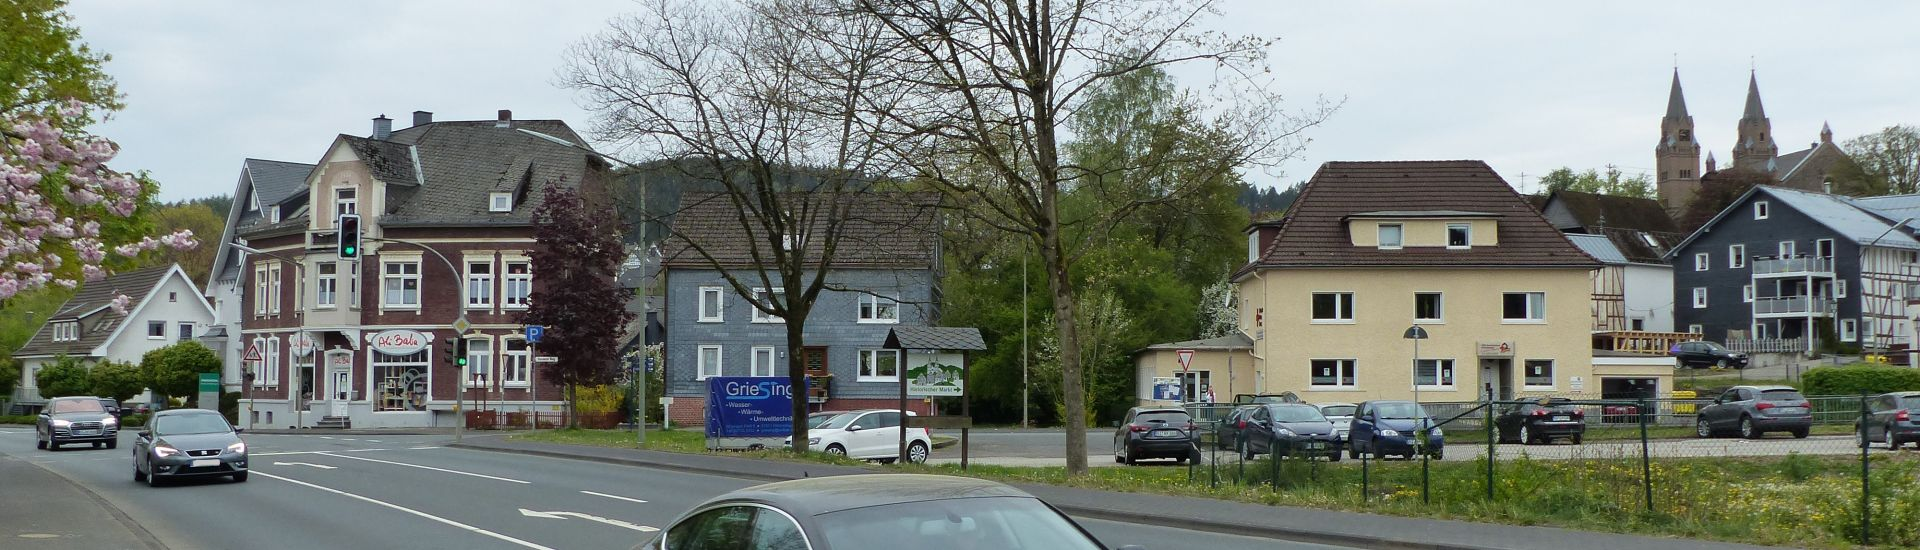 Eine Straße in Hilchenbach